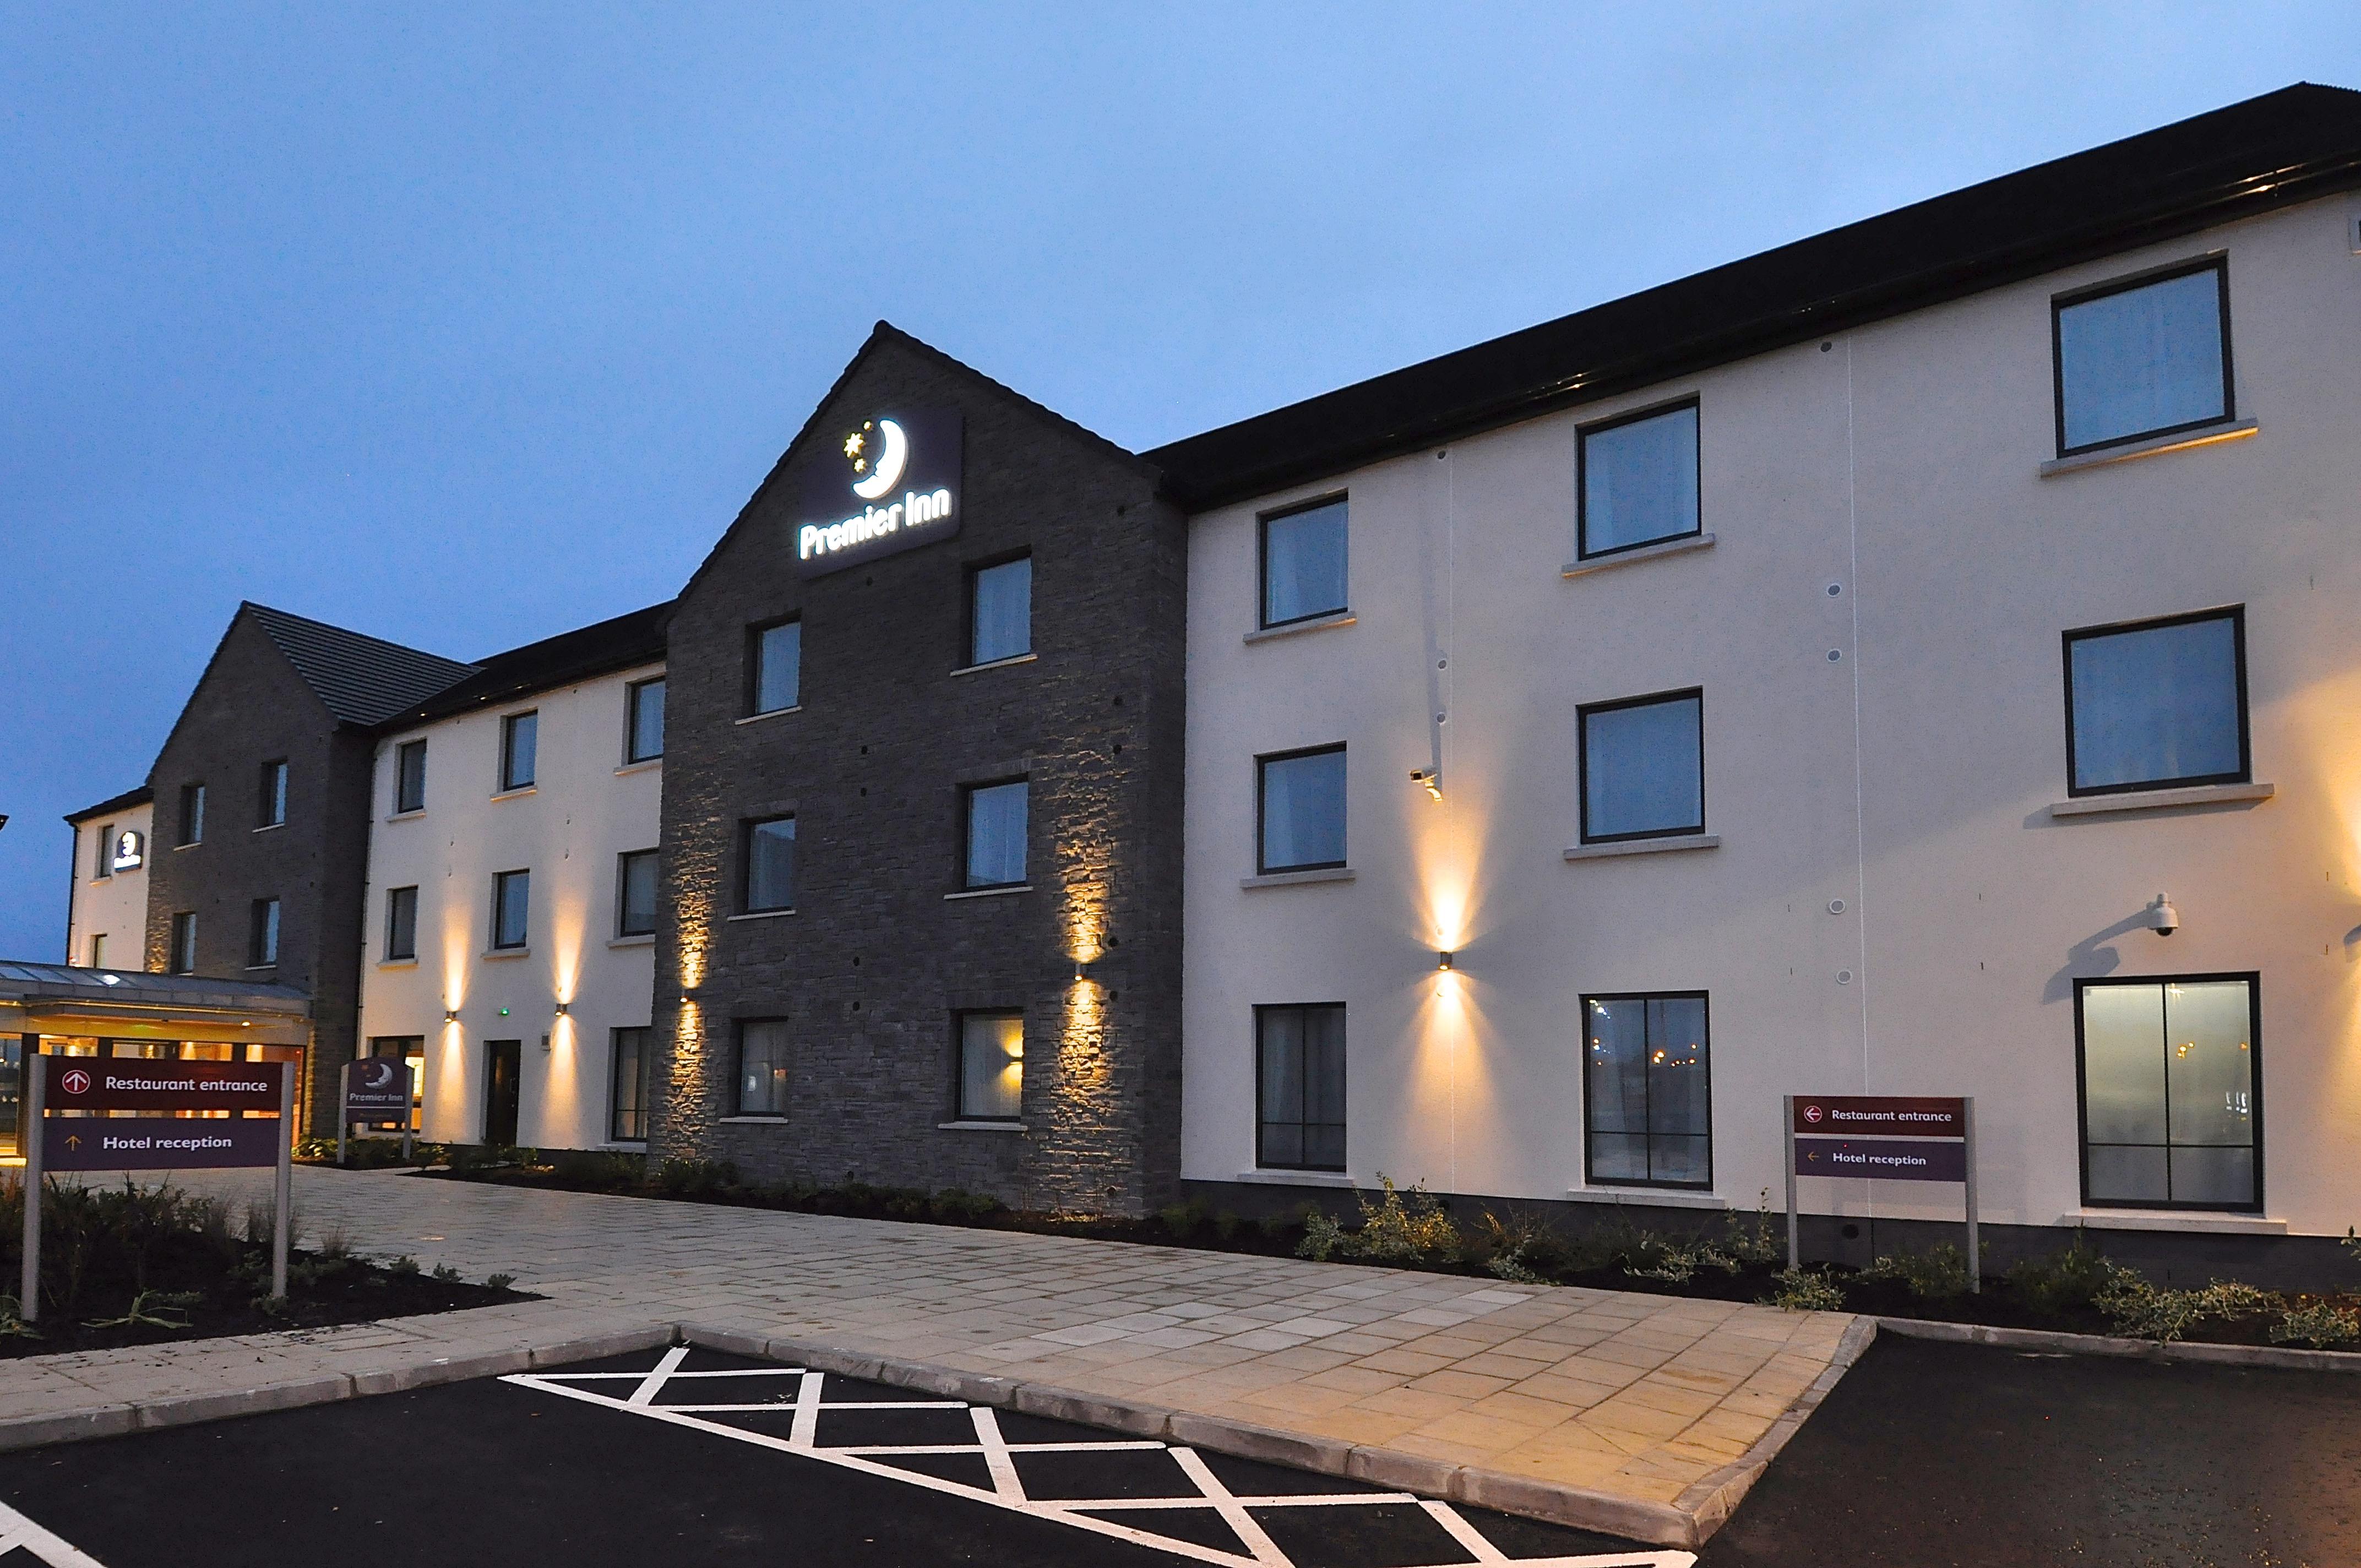 Premier Inn Lisburn Jd Mcgeown Ltd